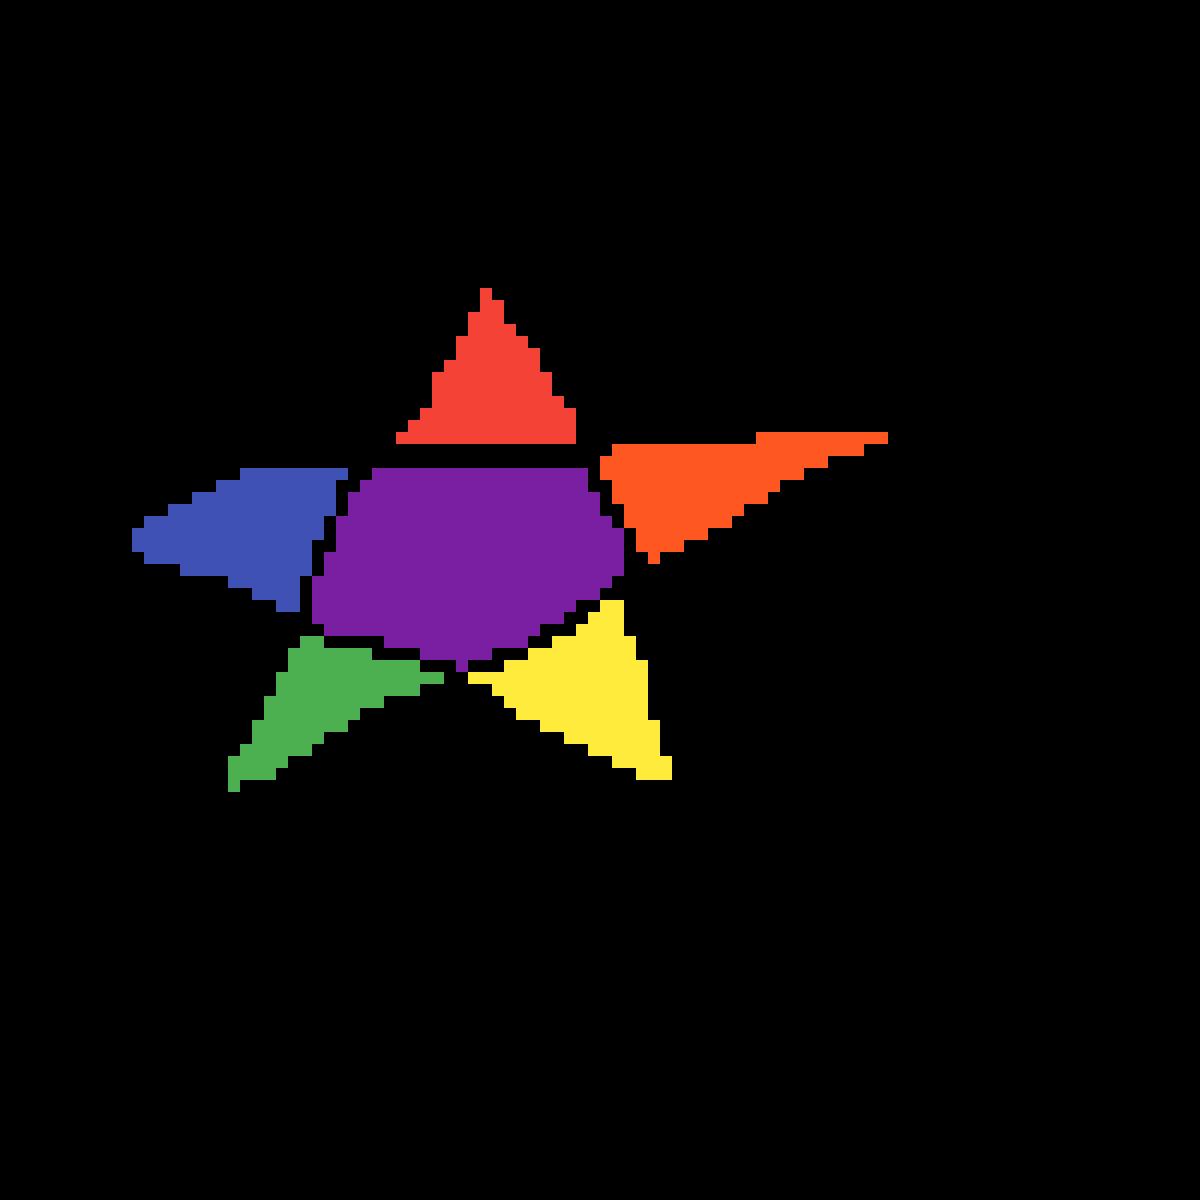 Y^our a Star by Ardyn-hehe